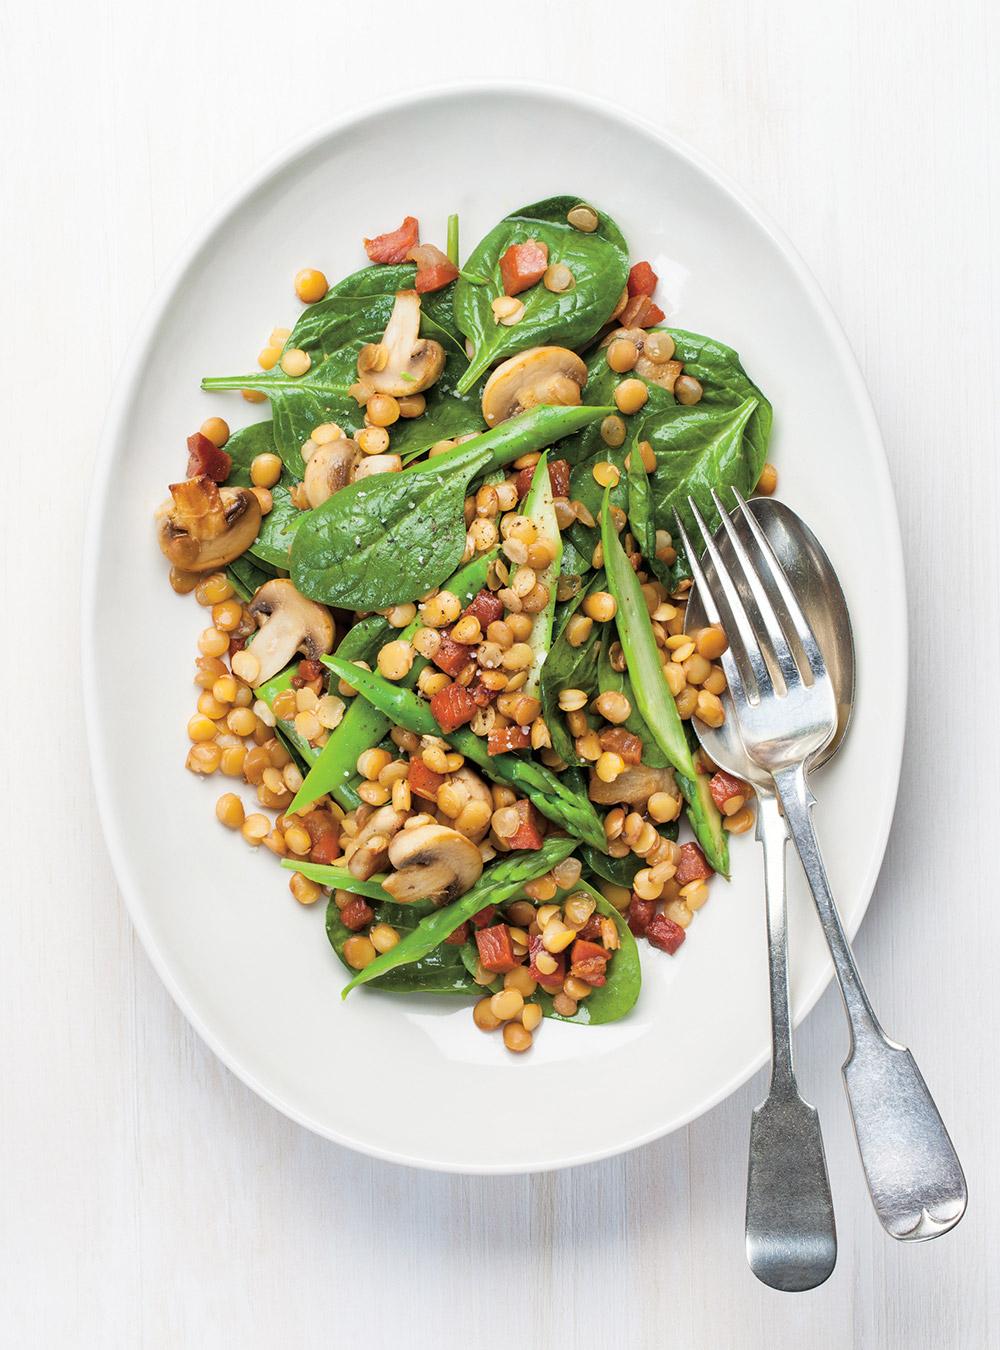 Salade d'épinards aux lentilles et aux asperges | ricardo